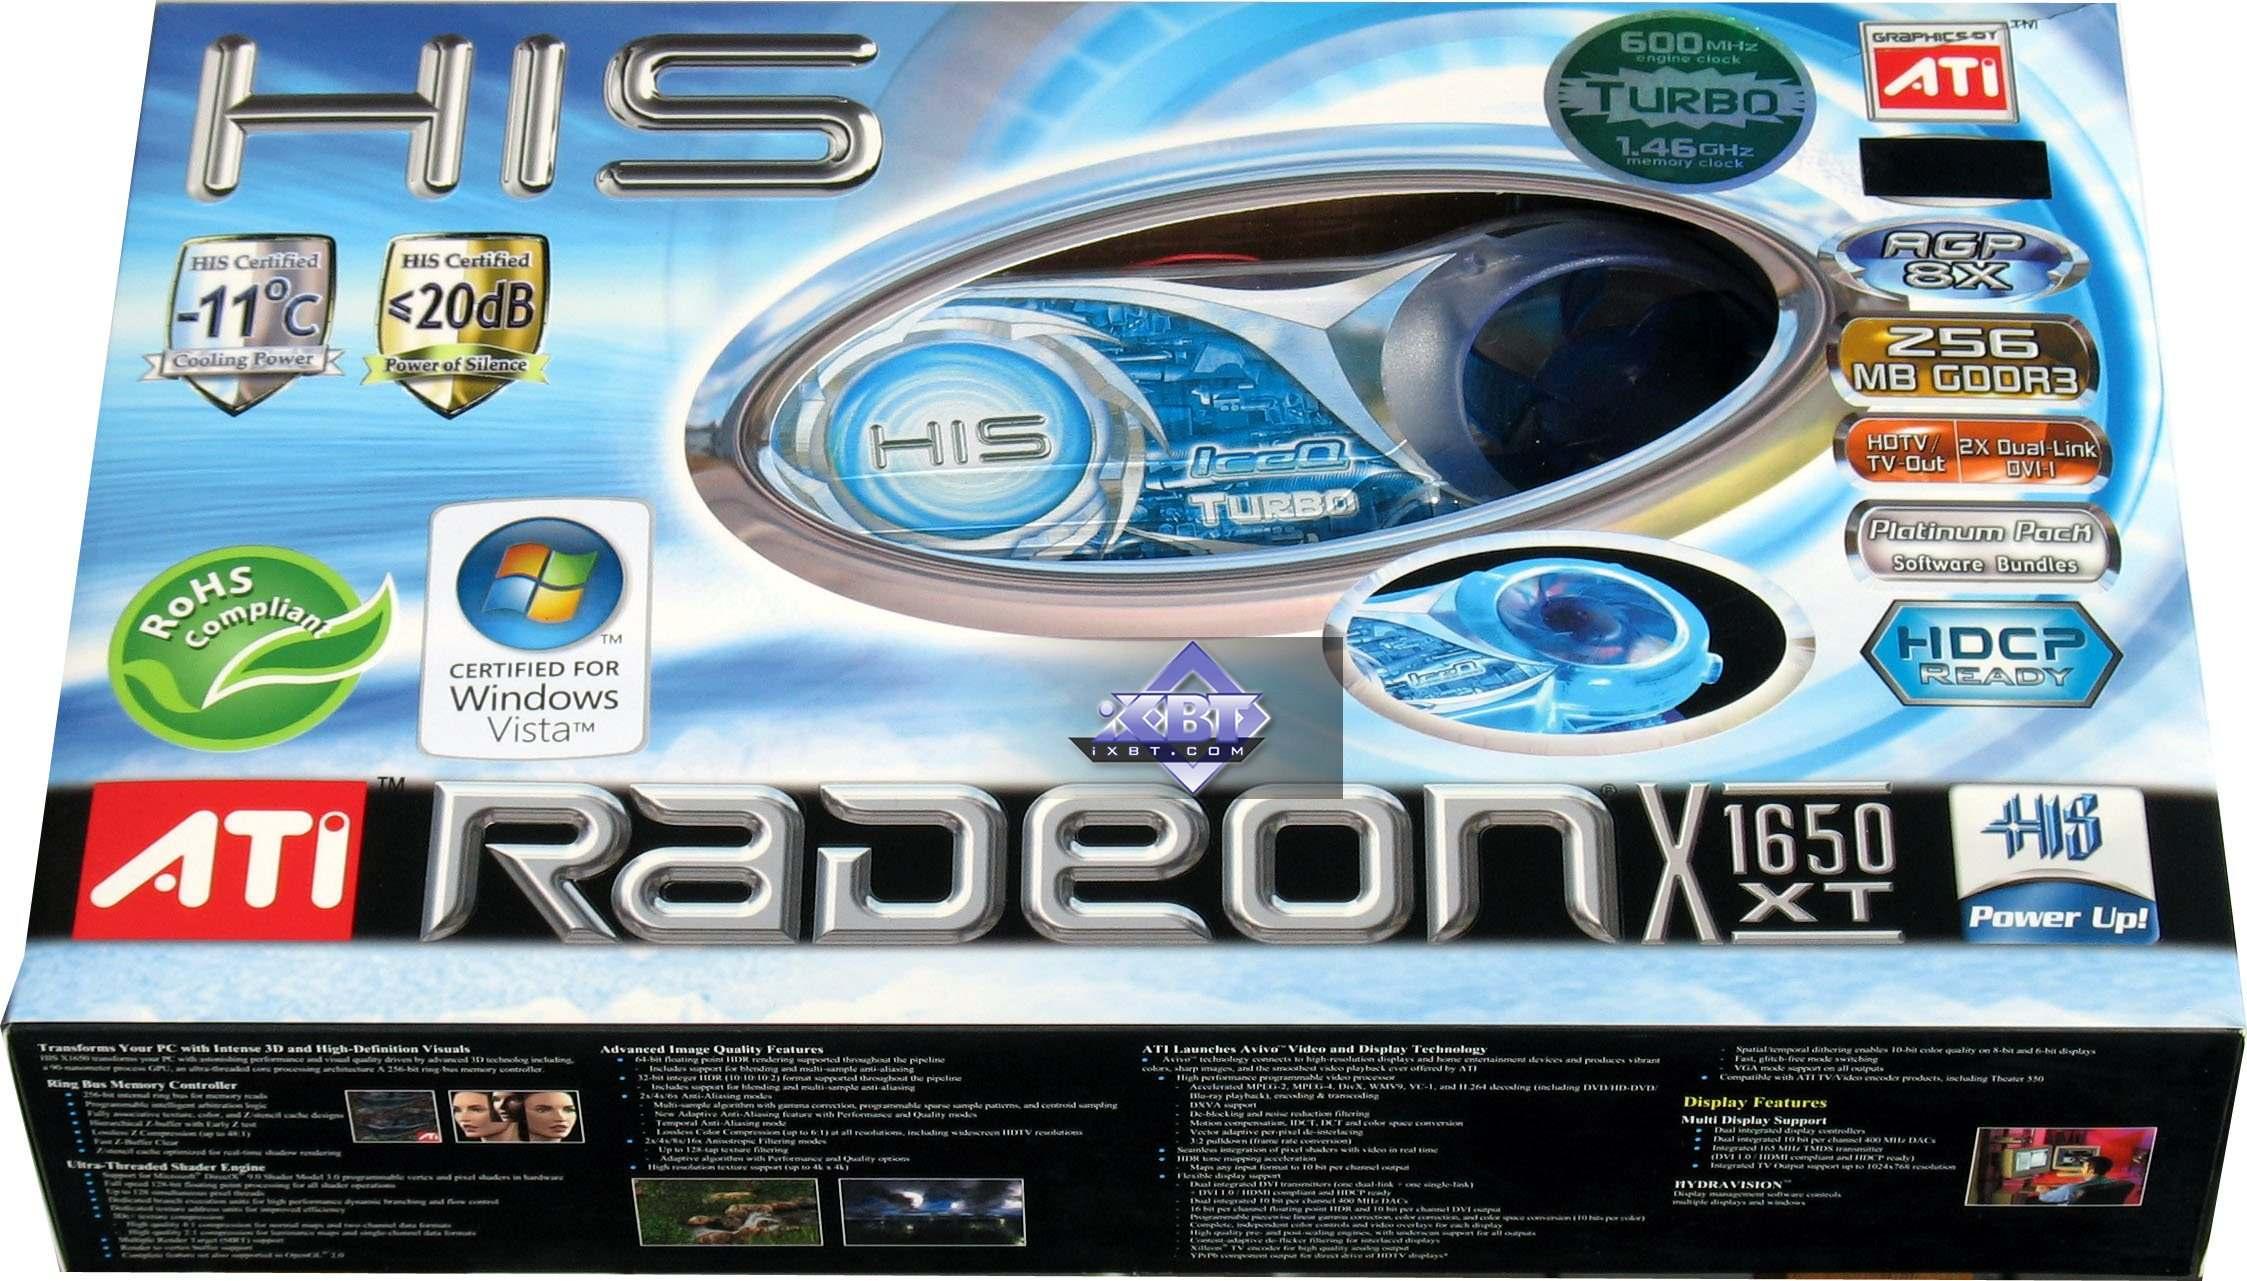 radeon x1650 pro драйвер скачать